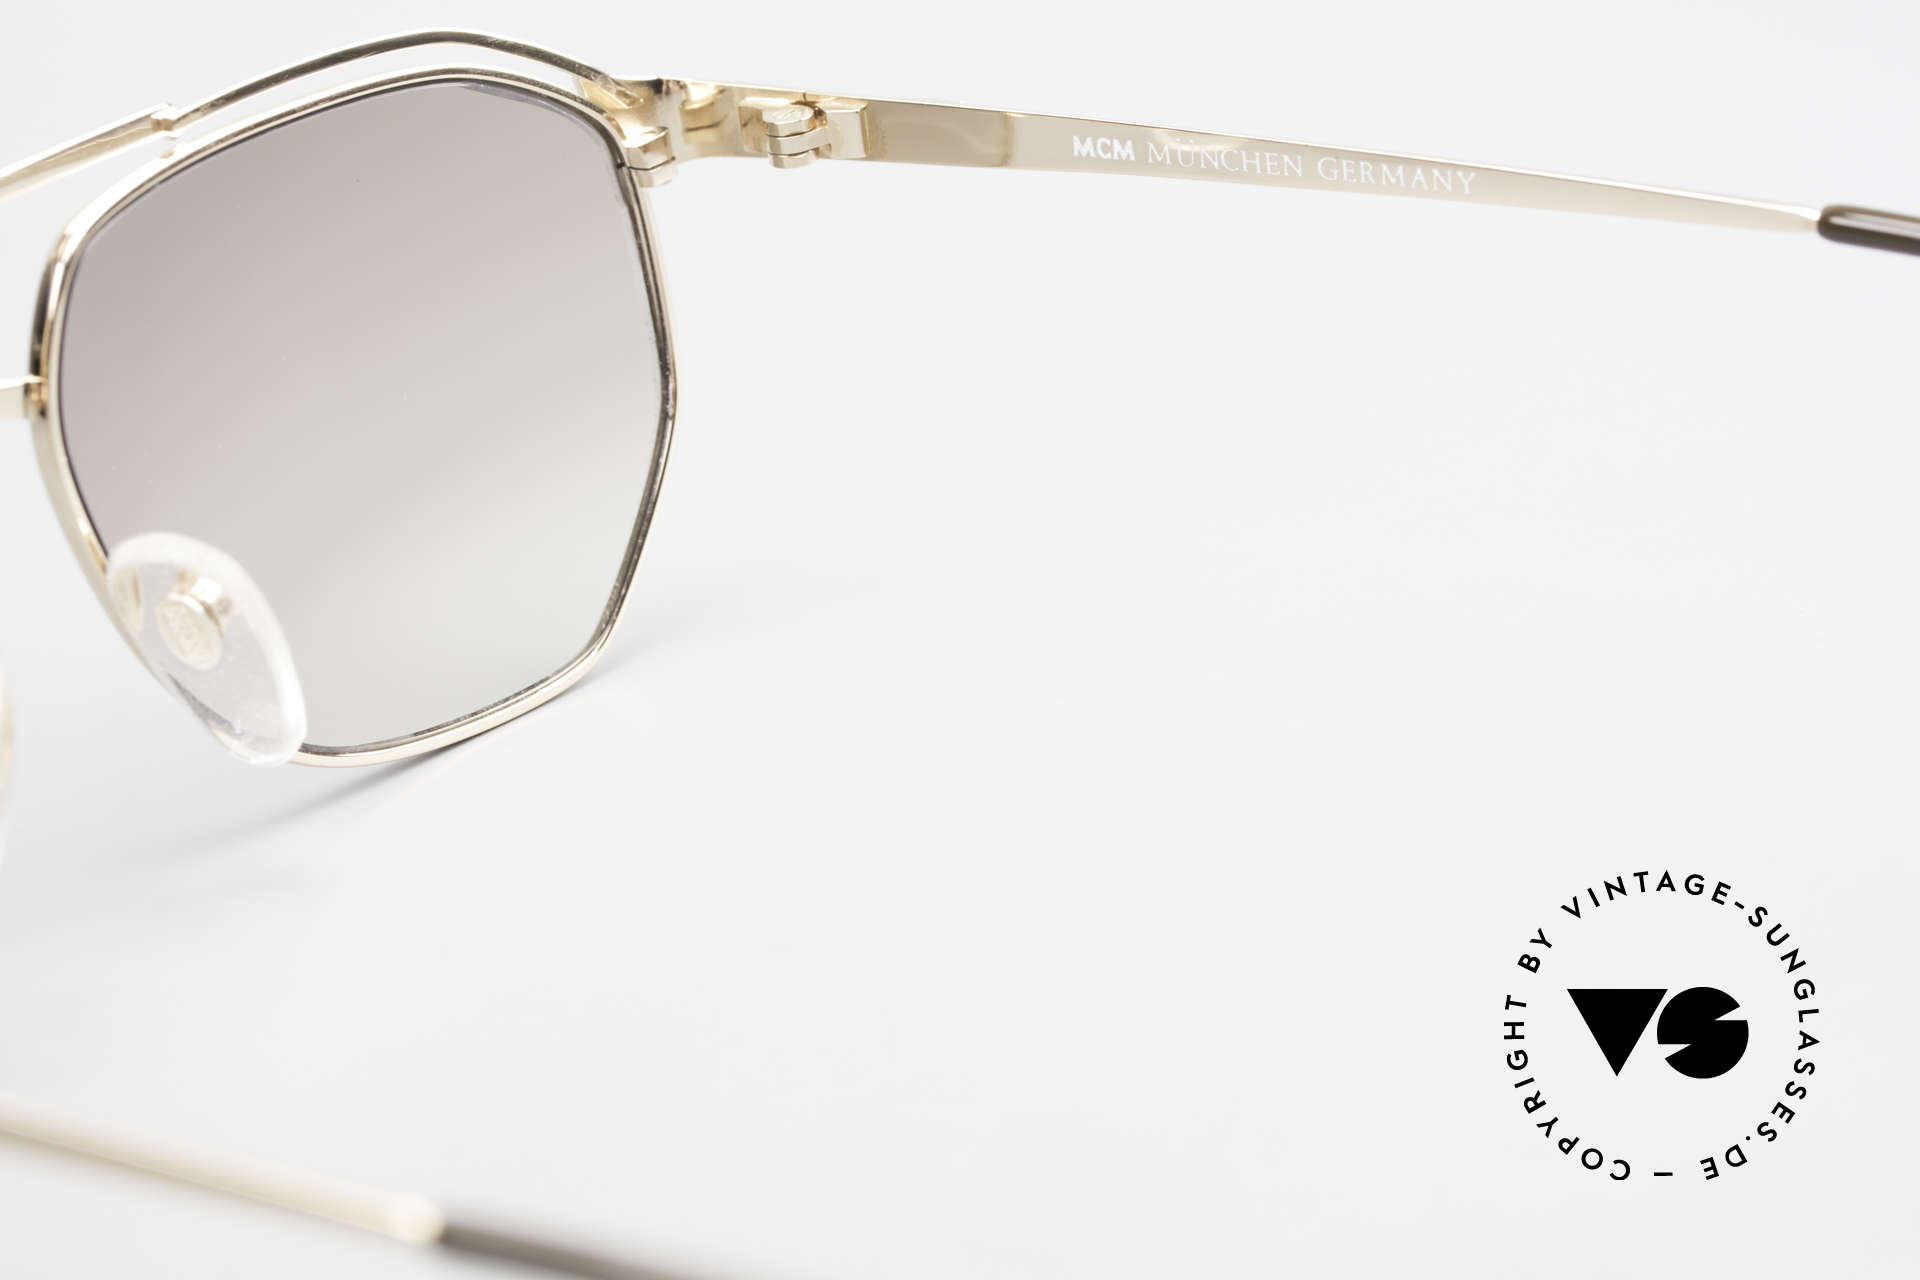 MCM München 6 XL Luxus Sonnenbrille 90er, KEINE Retromode; ein mind. 25 Jahre altes Unikat, Passend für Herren